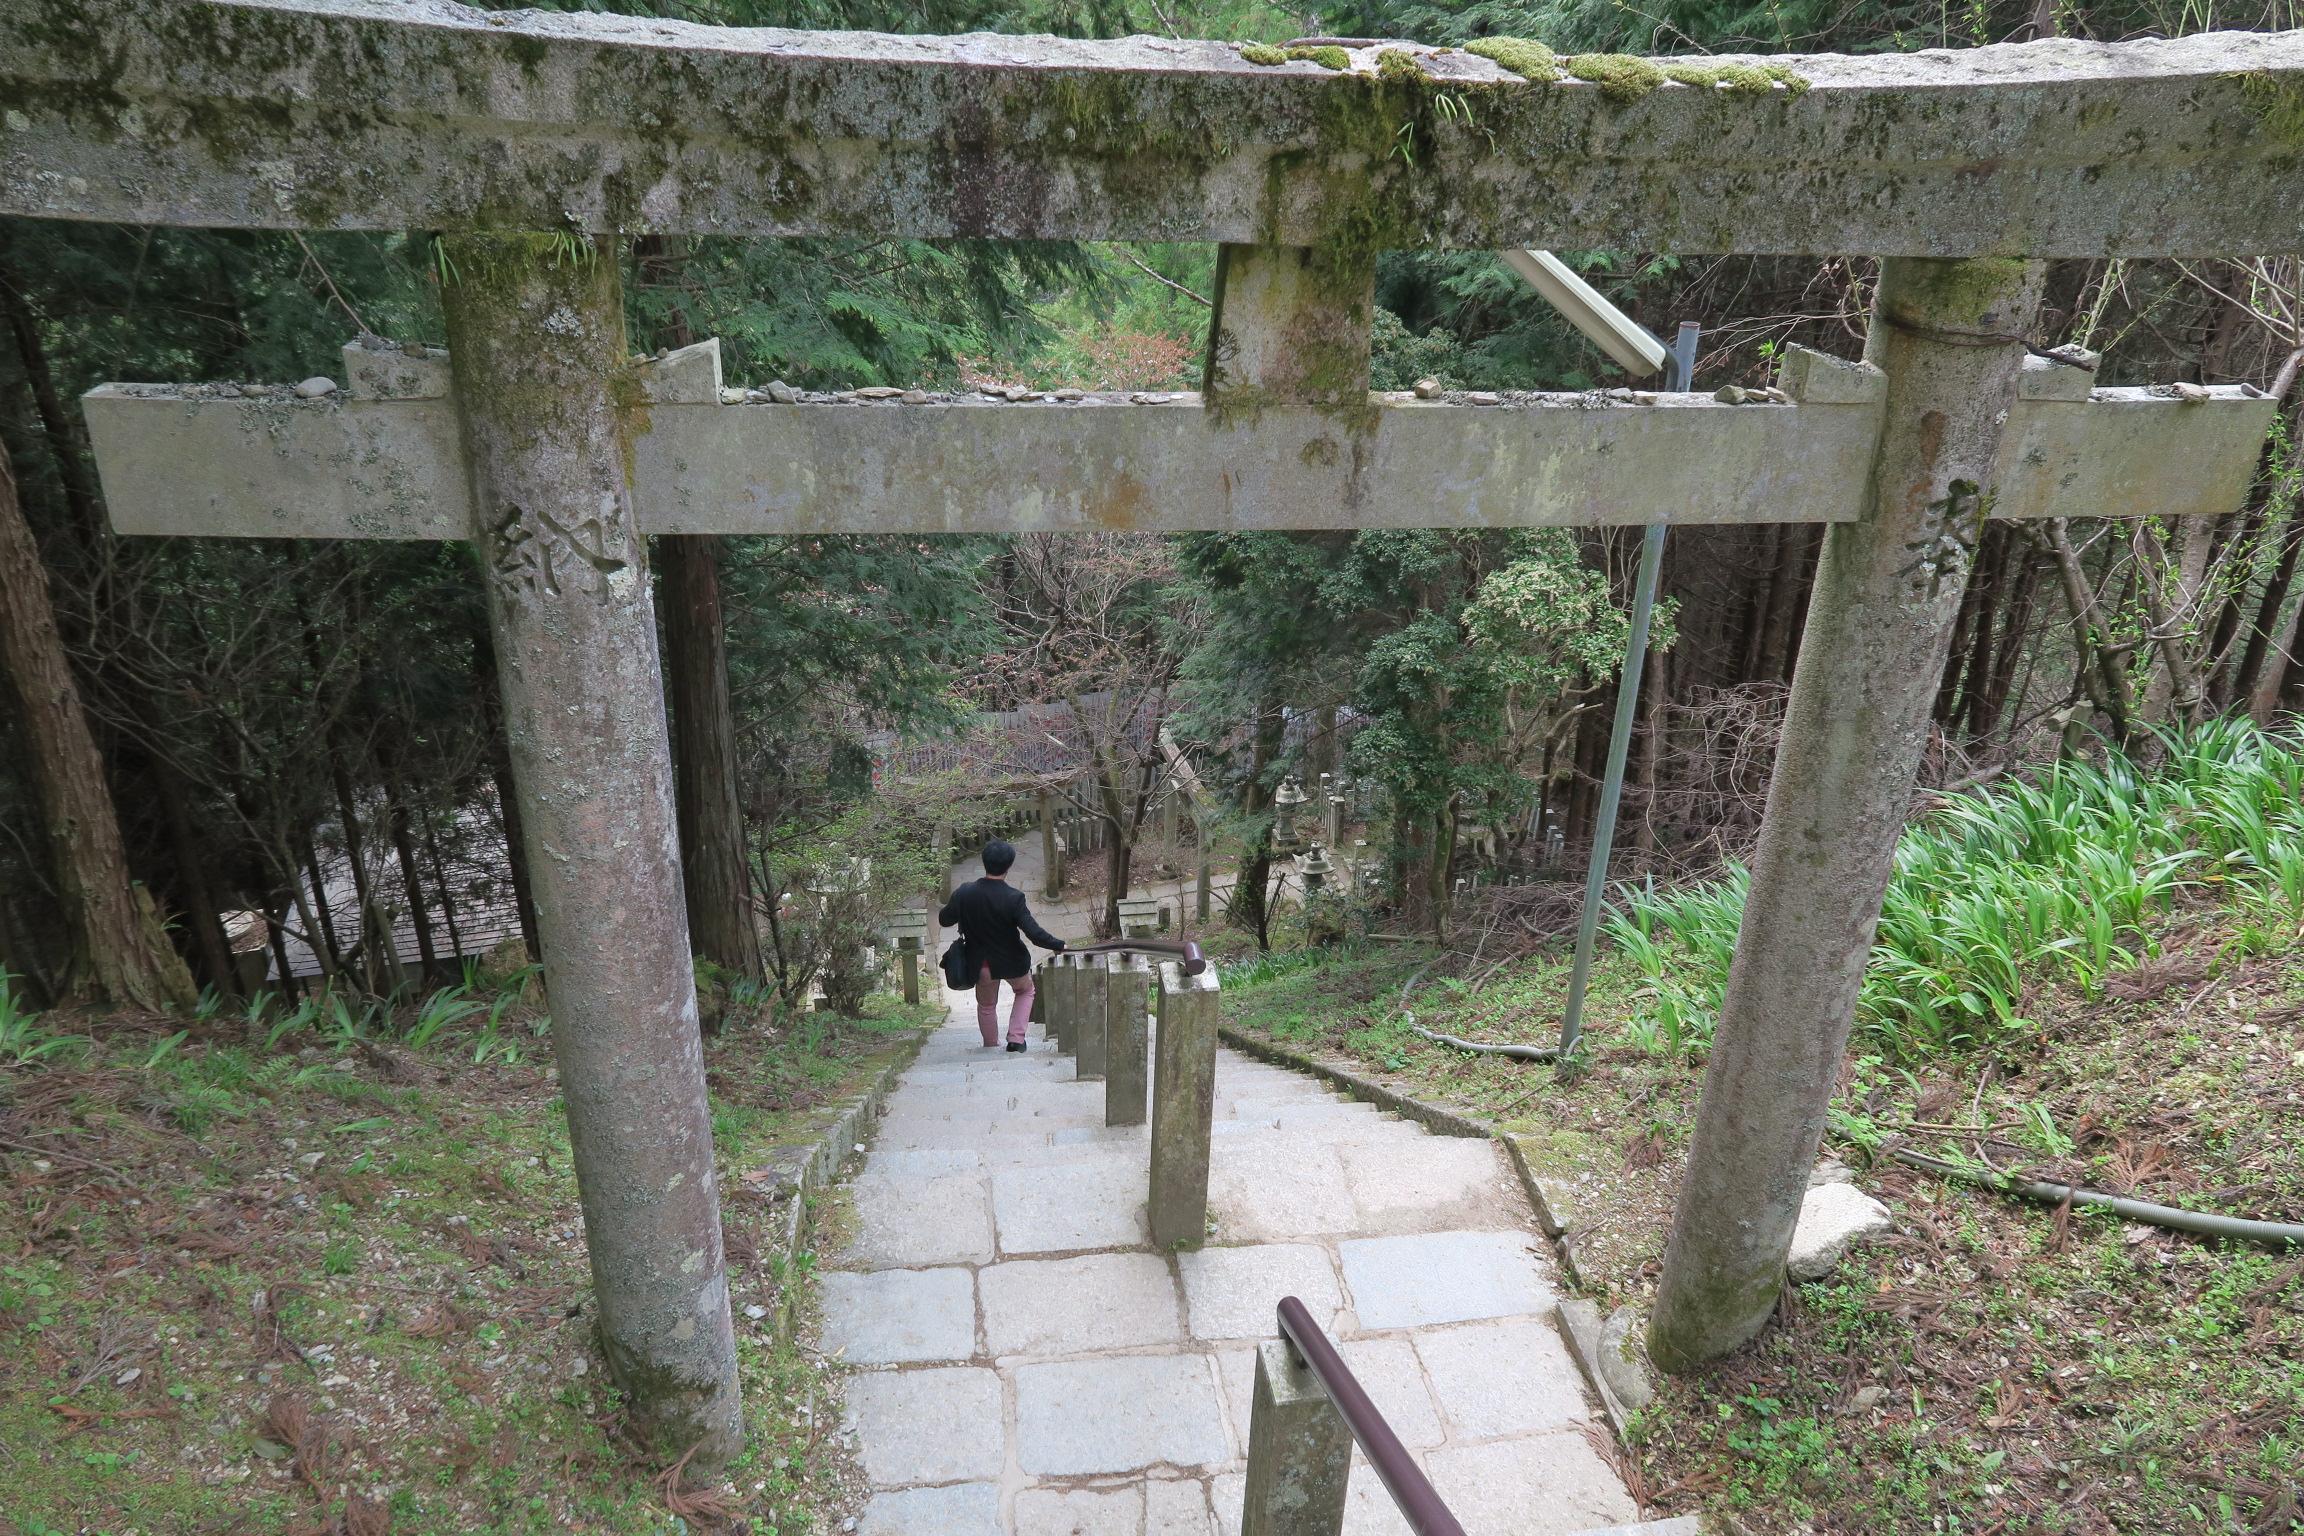 脳天大神まで450段ある階段。行きはよいよい・・・。すでに沢山歩いてきたので、少し迷いました(笑)